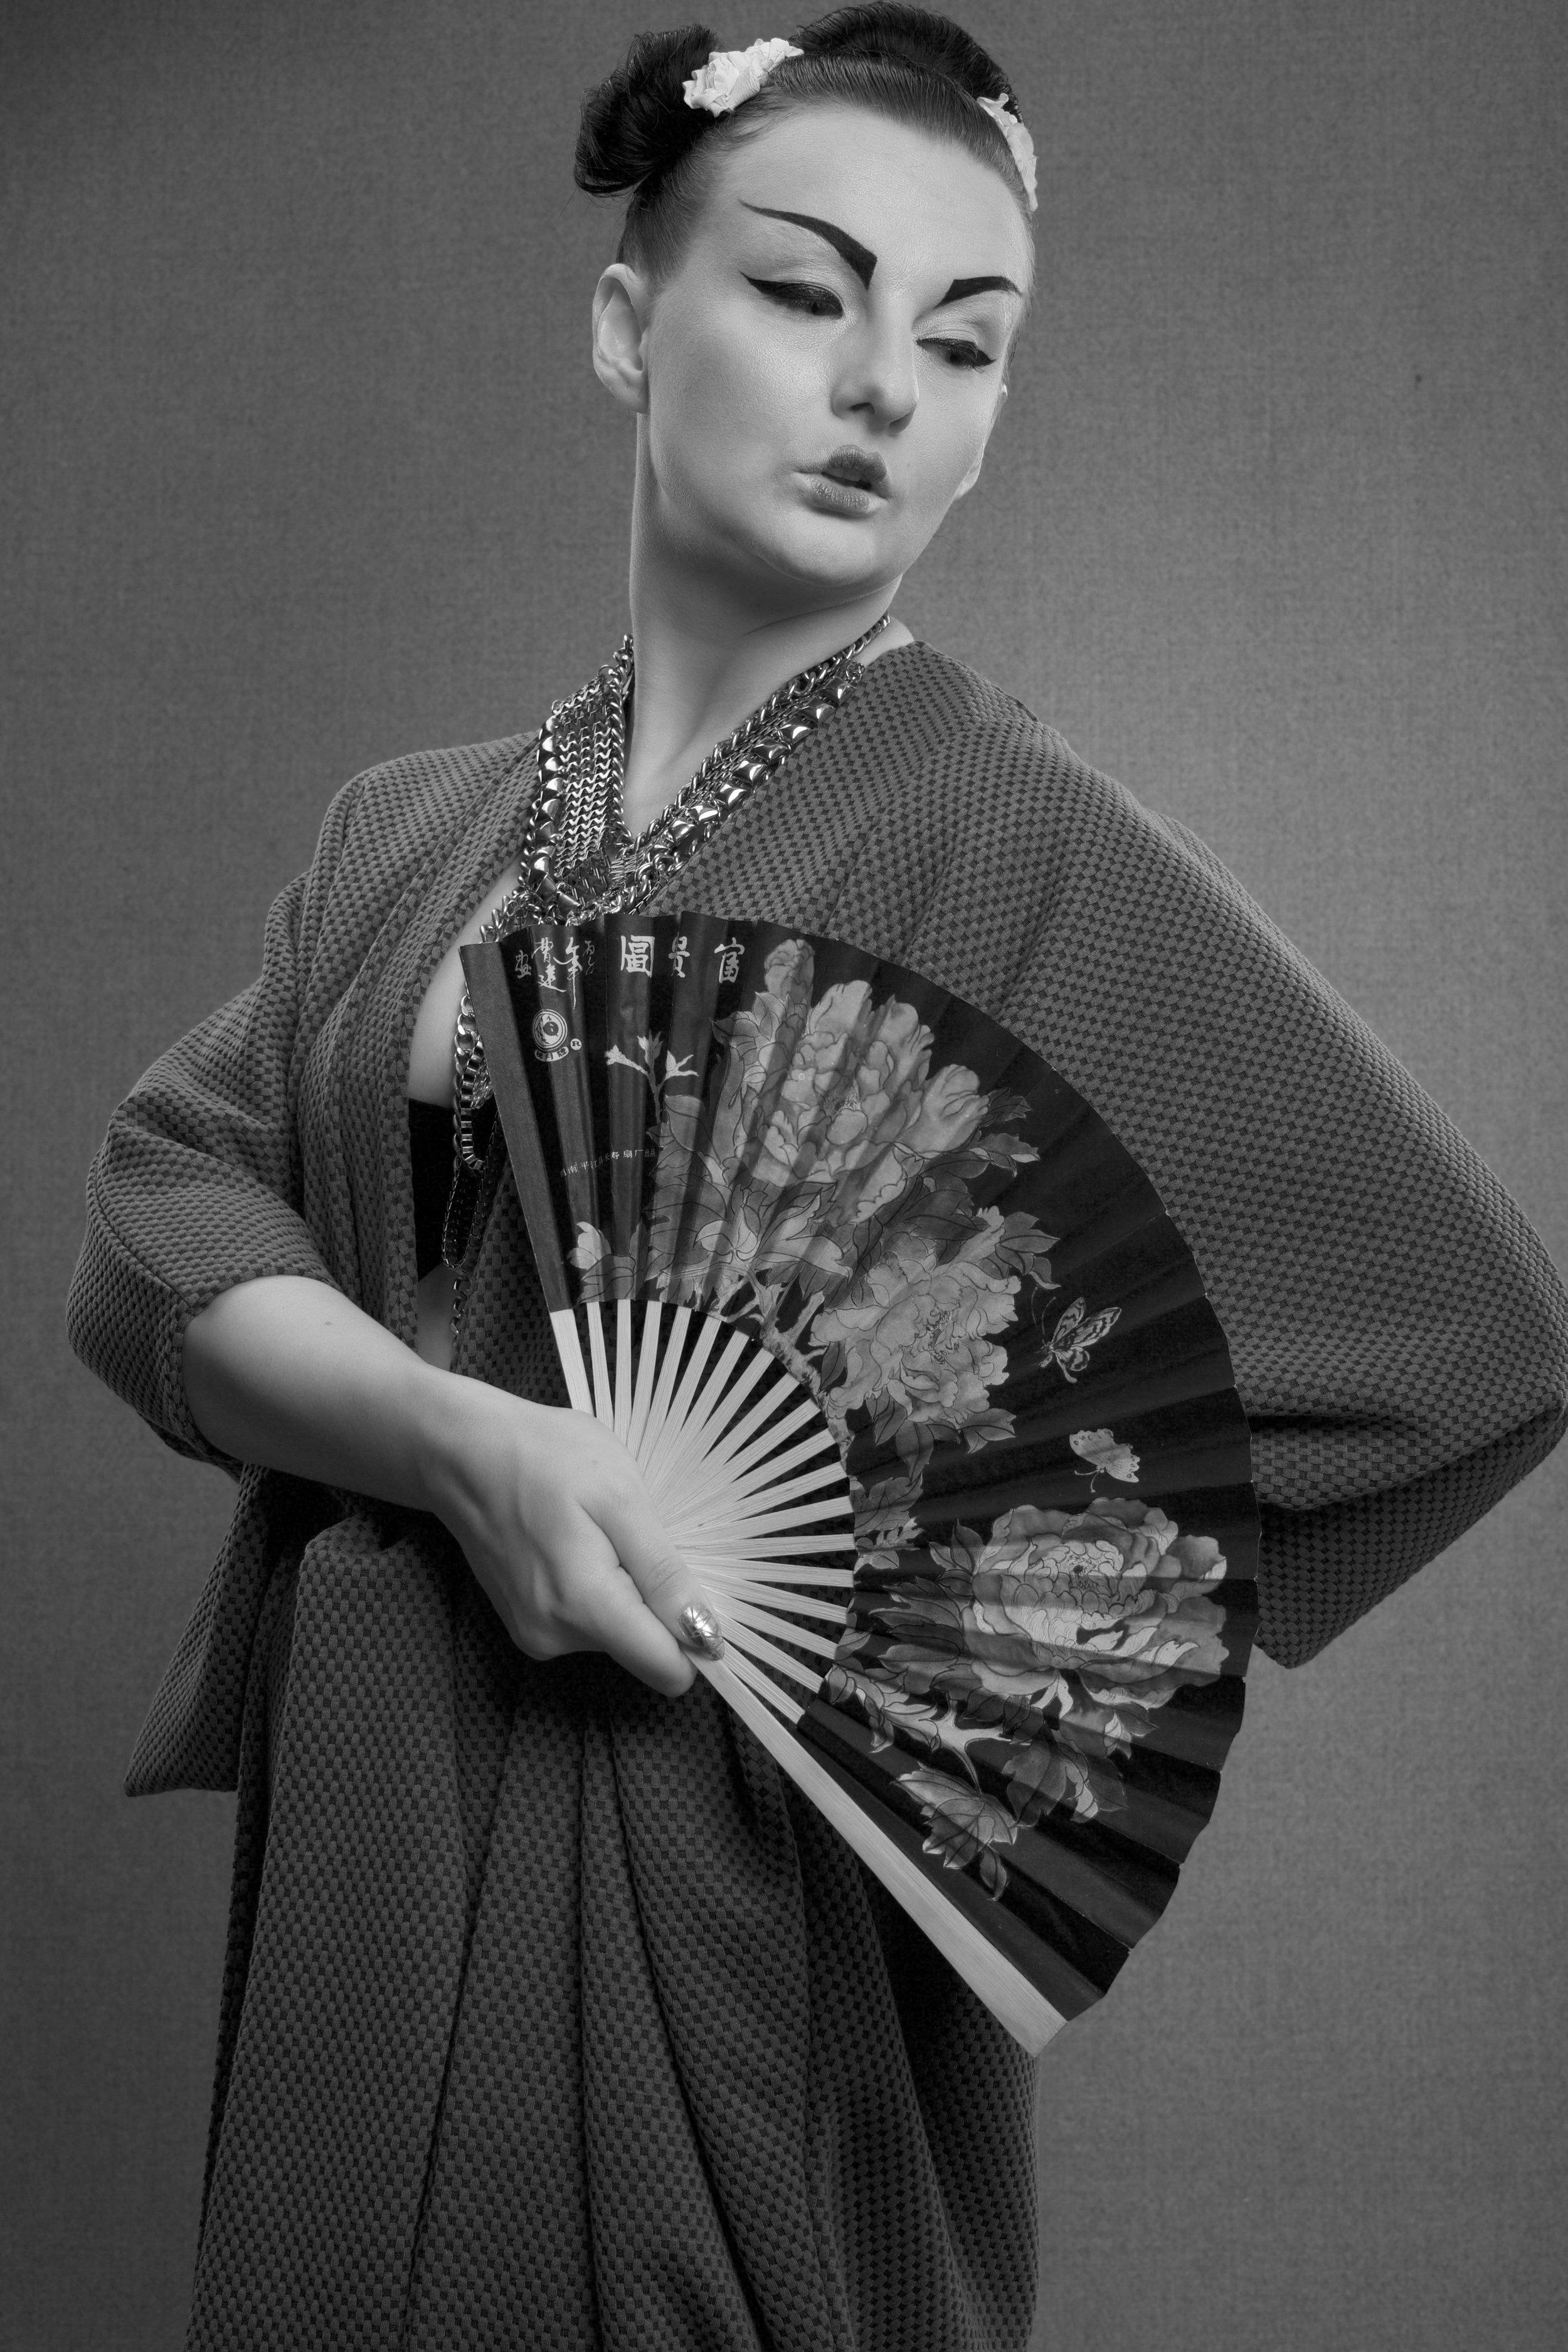 zaramia-ava-zaramiaava-leeds-fashion-designer-ethical-sustainable-grey-drape-ayame-jacket-noa-geshia-black-white-1